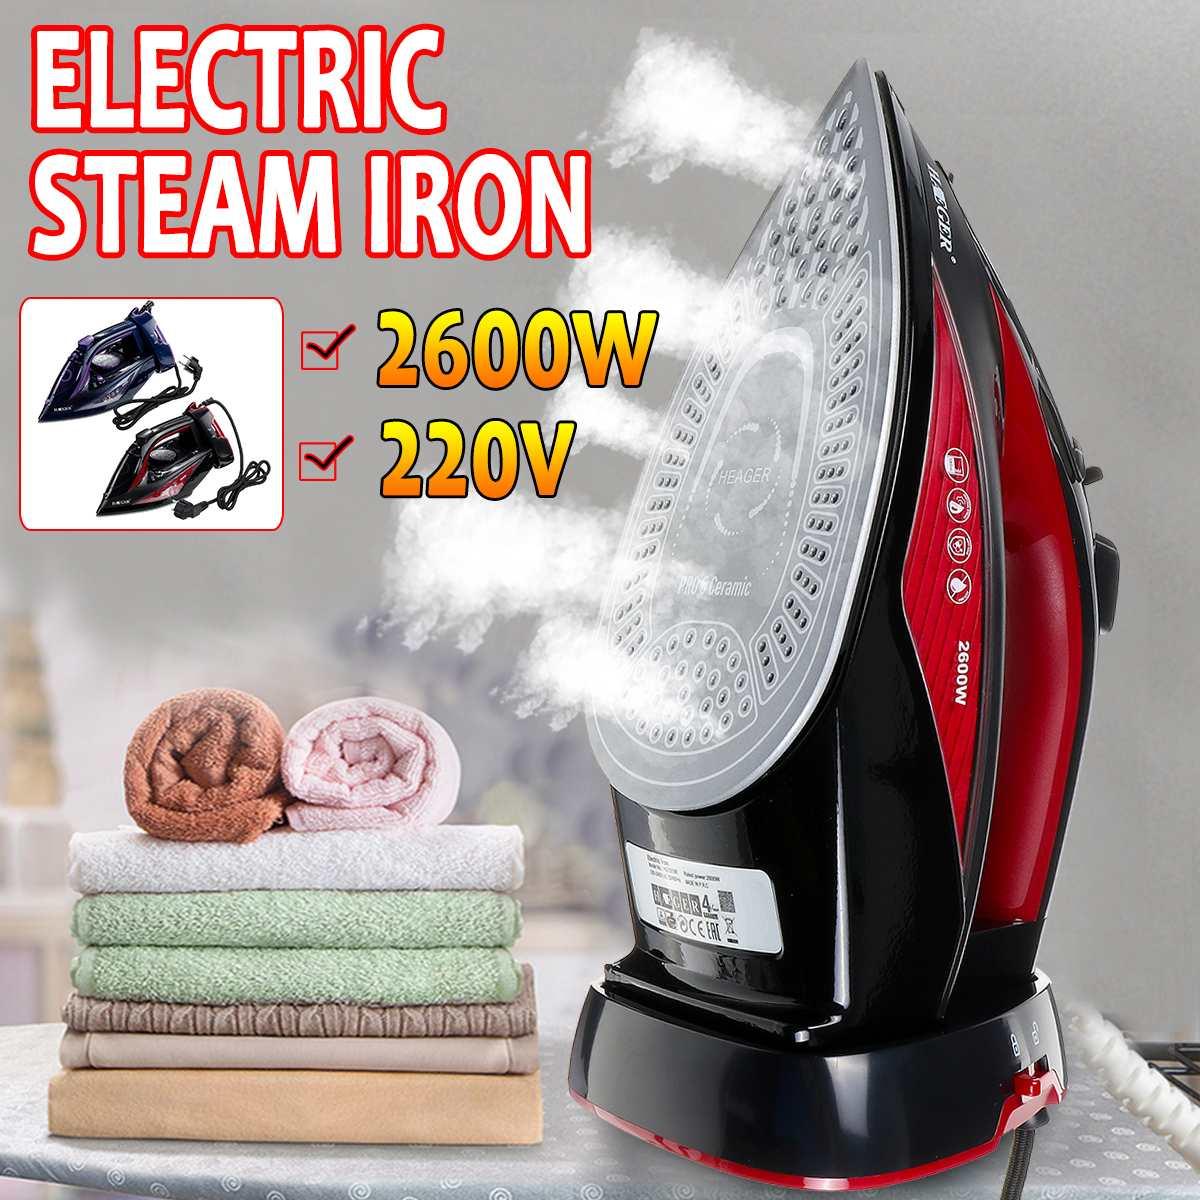 Semelle en céramique sans fil, 2600 W/2000 W, 3 vitesses, semelle en céramique, professionnel, sans fil, fer à repasser électrique, fer à vapeur, repassage rapide